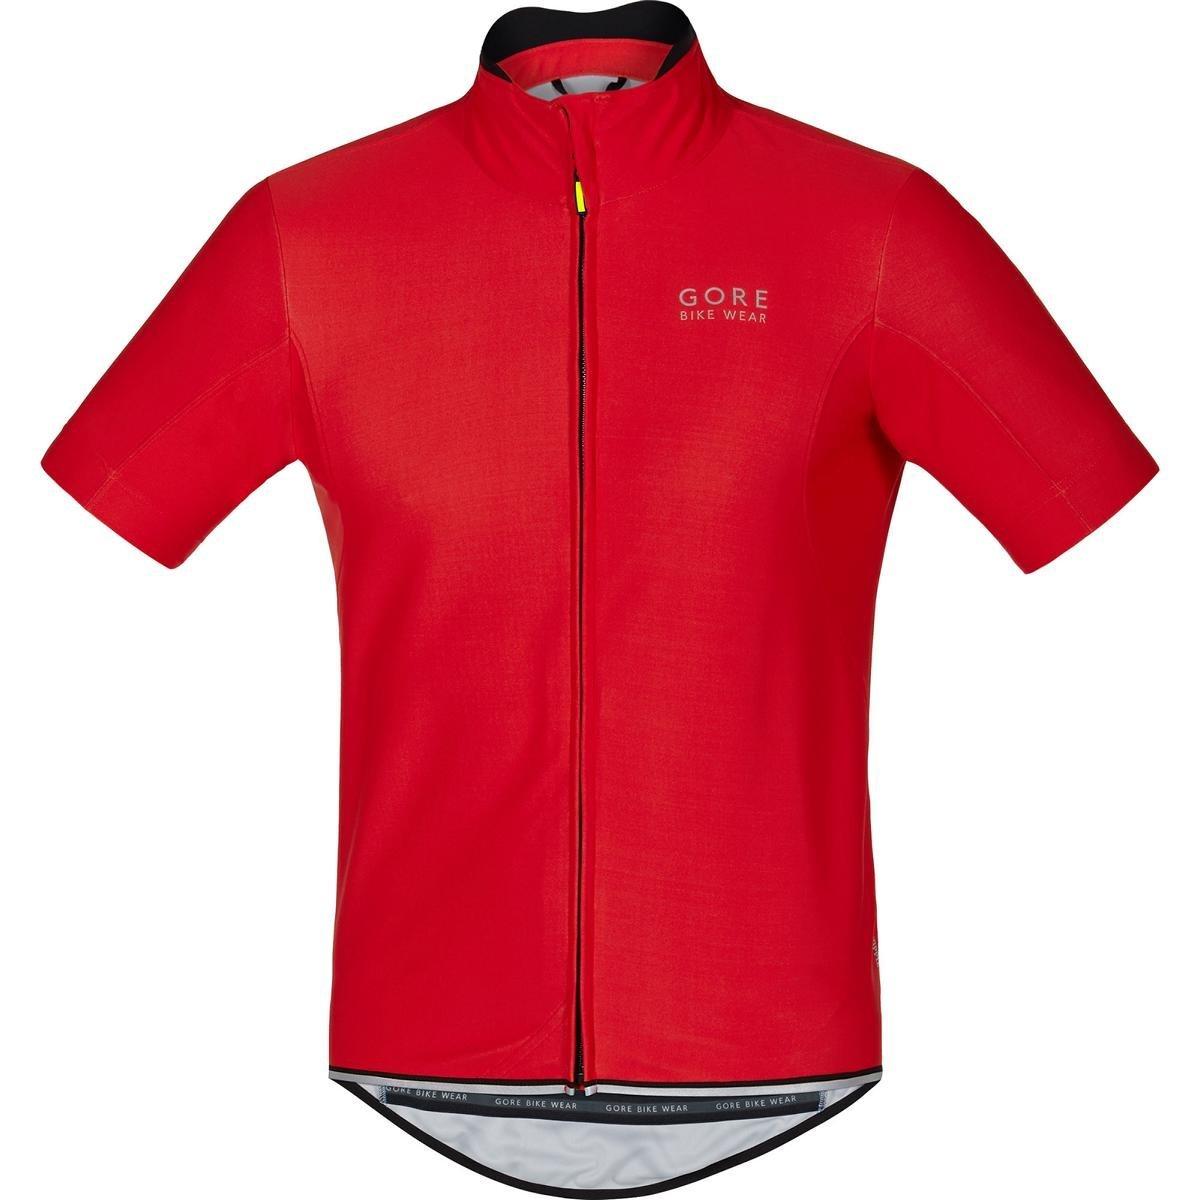 Gore Bike Wear Herren Bustier Funktionsunterwäsche Bustier Herren und Top Power Ws So Jersey Trikot 39edd3